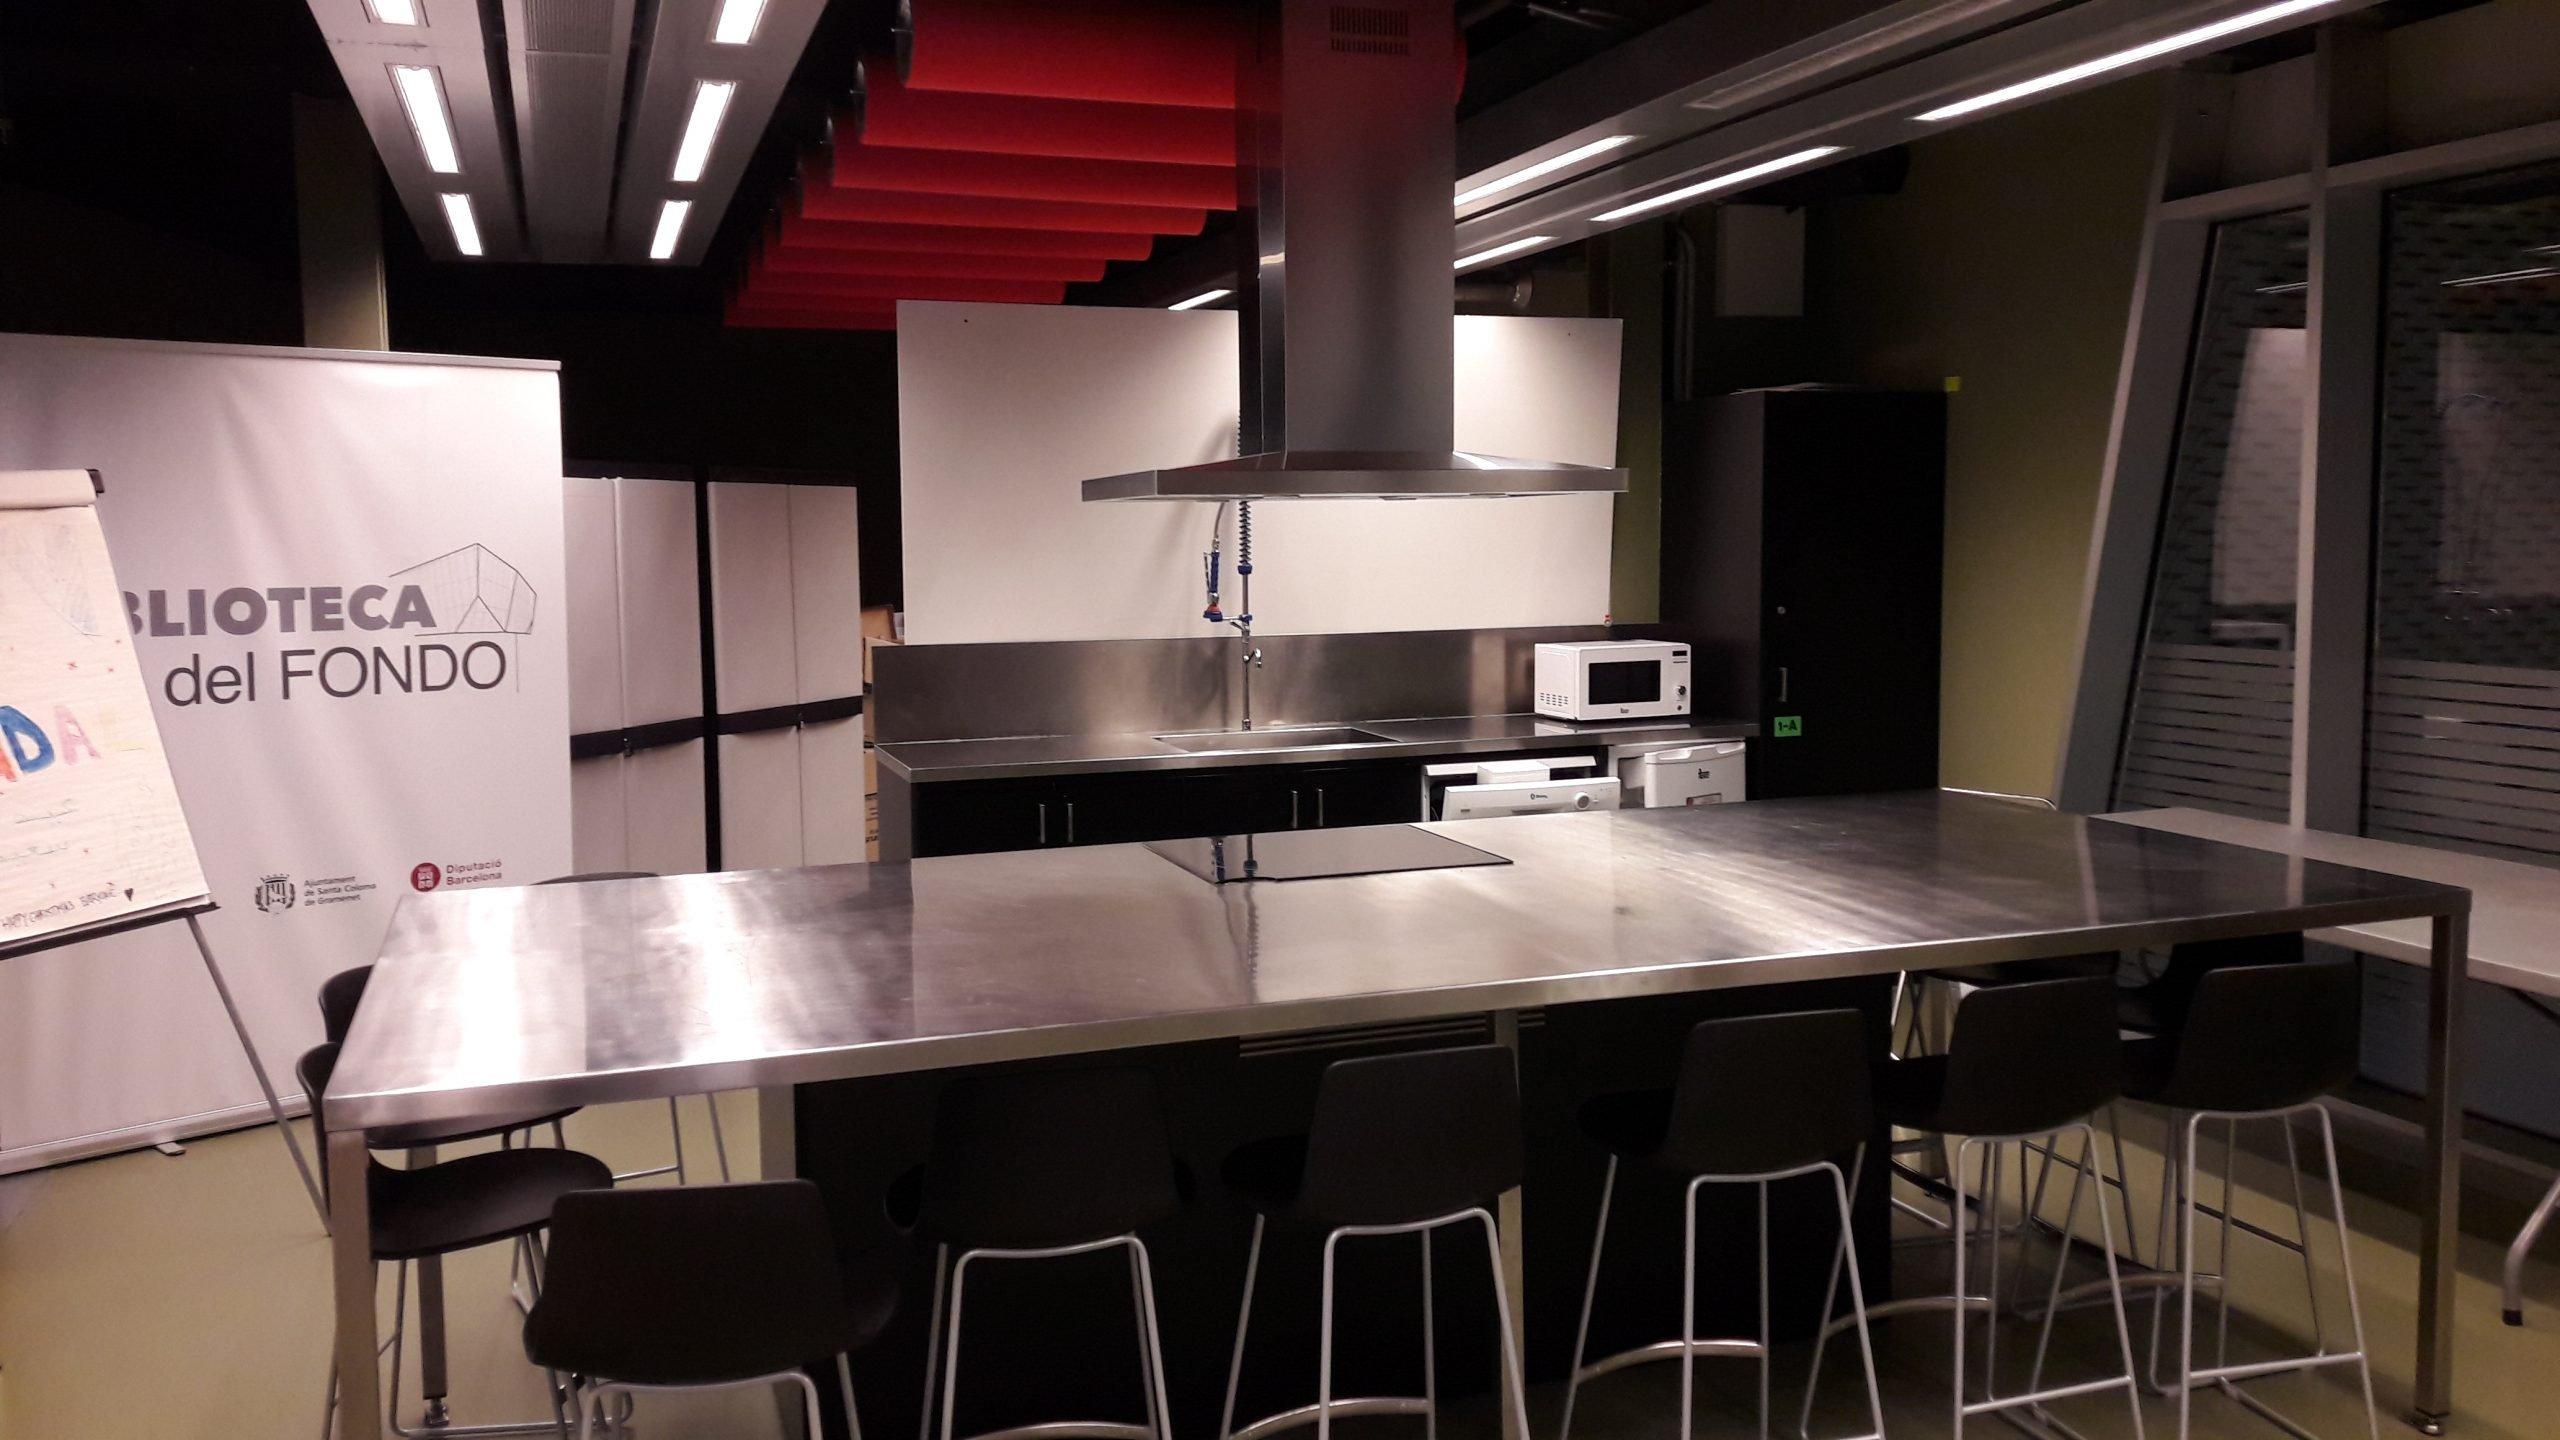 Photographie de la cuisine de la bibliothèque Santa Coloma de Gramenet